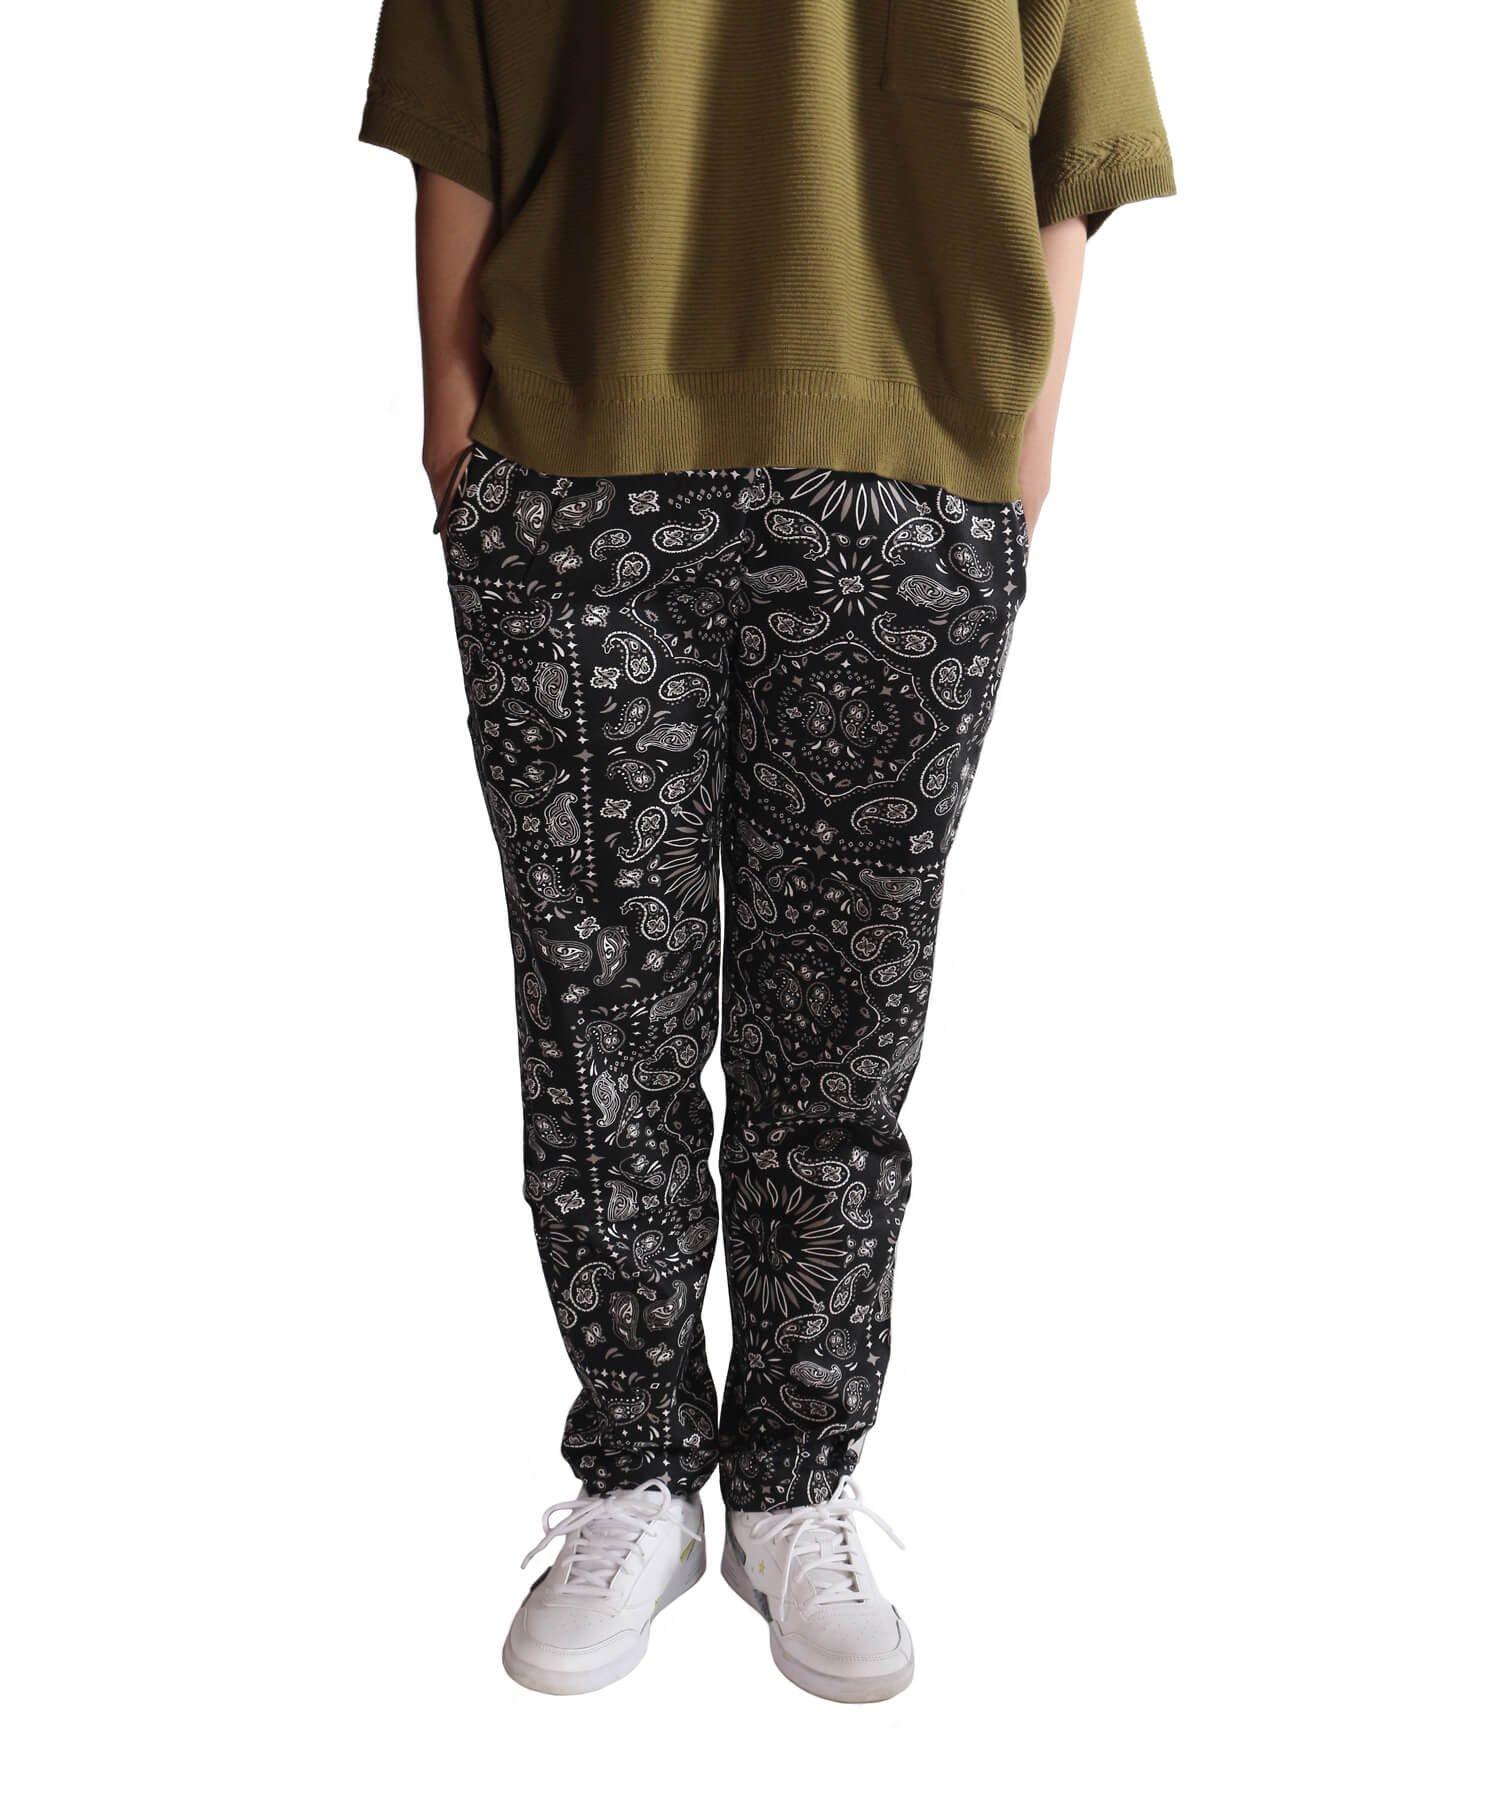 COOKMAN / クックマン   WAITER'S PANTS (PAISLEY BLACK):ウェイターズパンツ 商品画像20